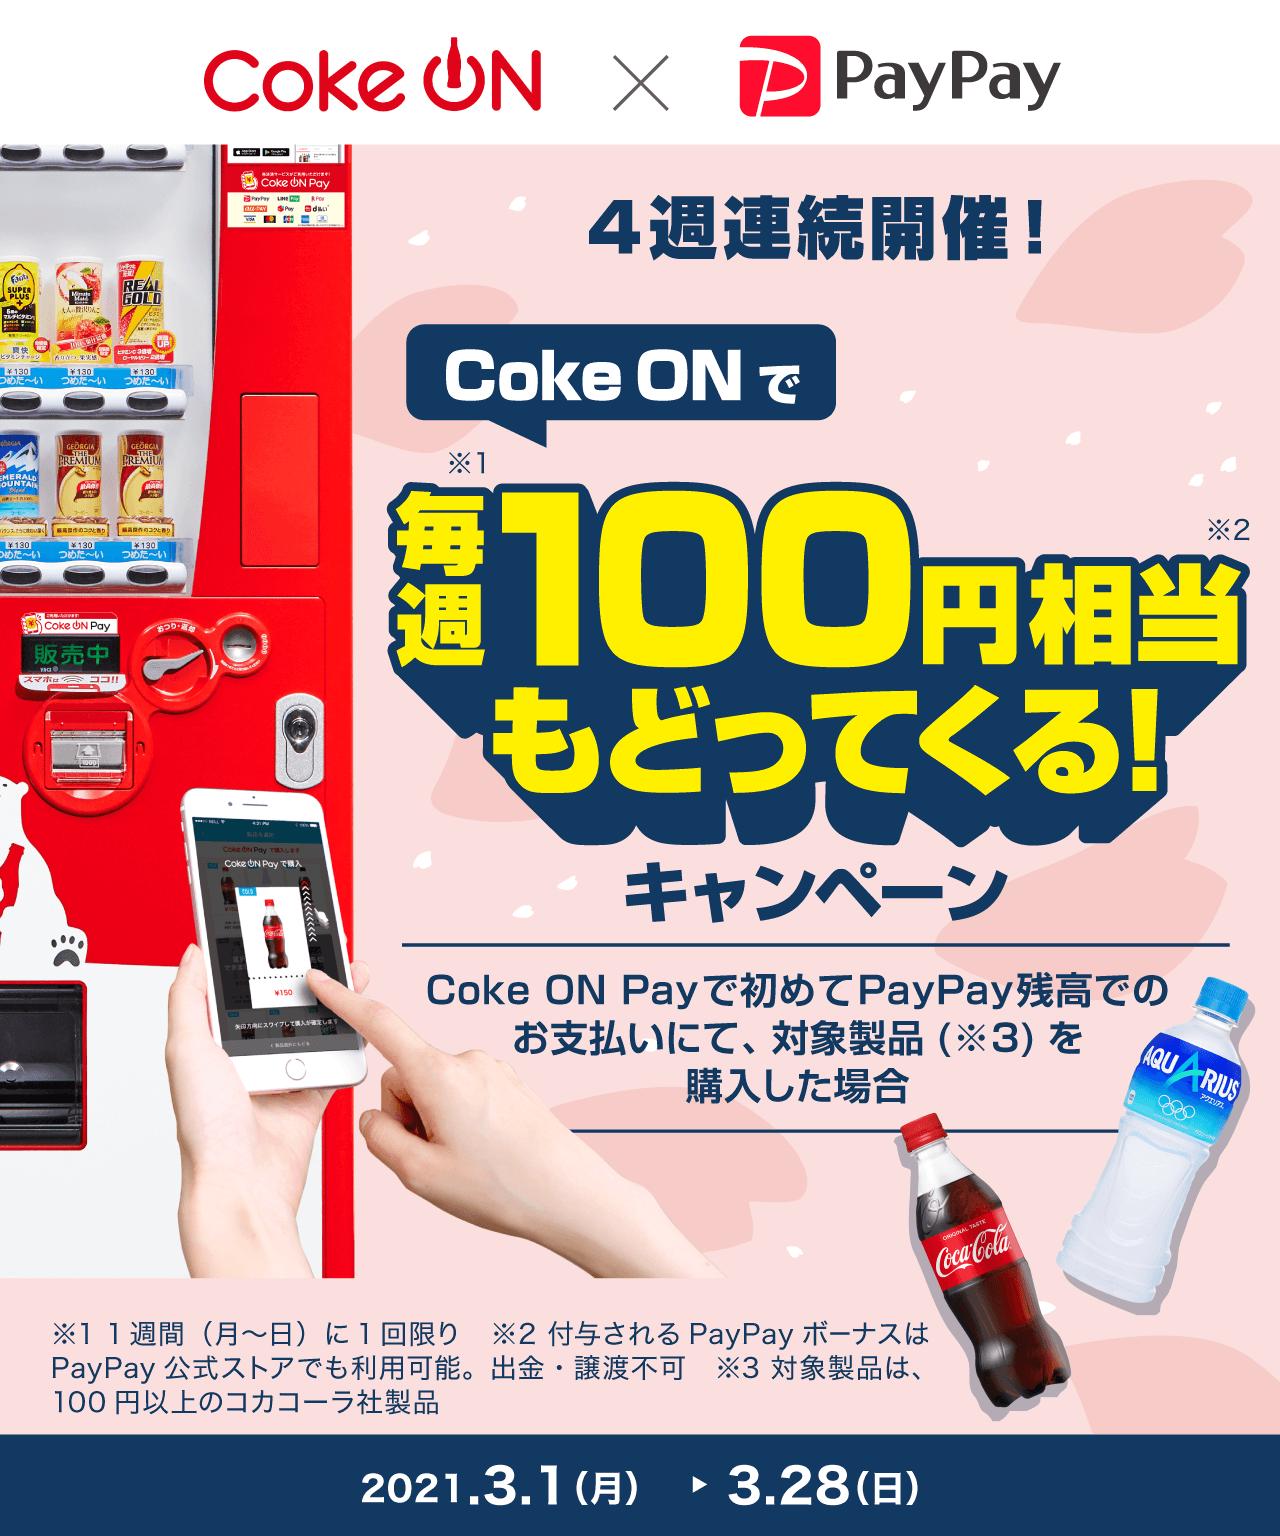 4週連続開催!Coke ON®で毎週100円相当もどってくる!